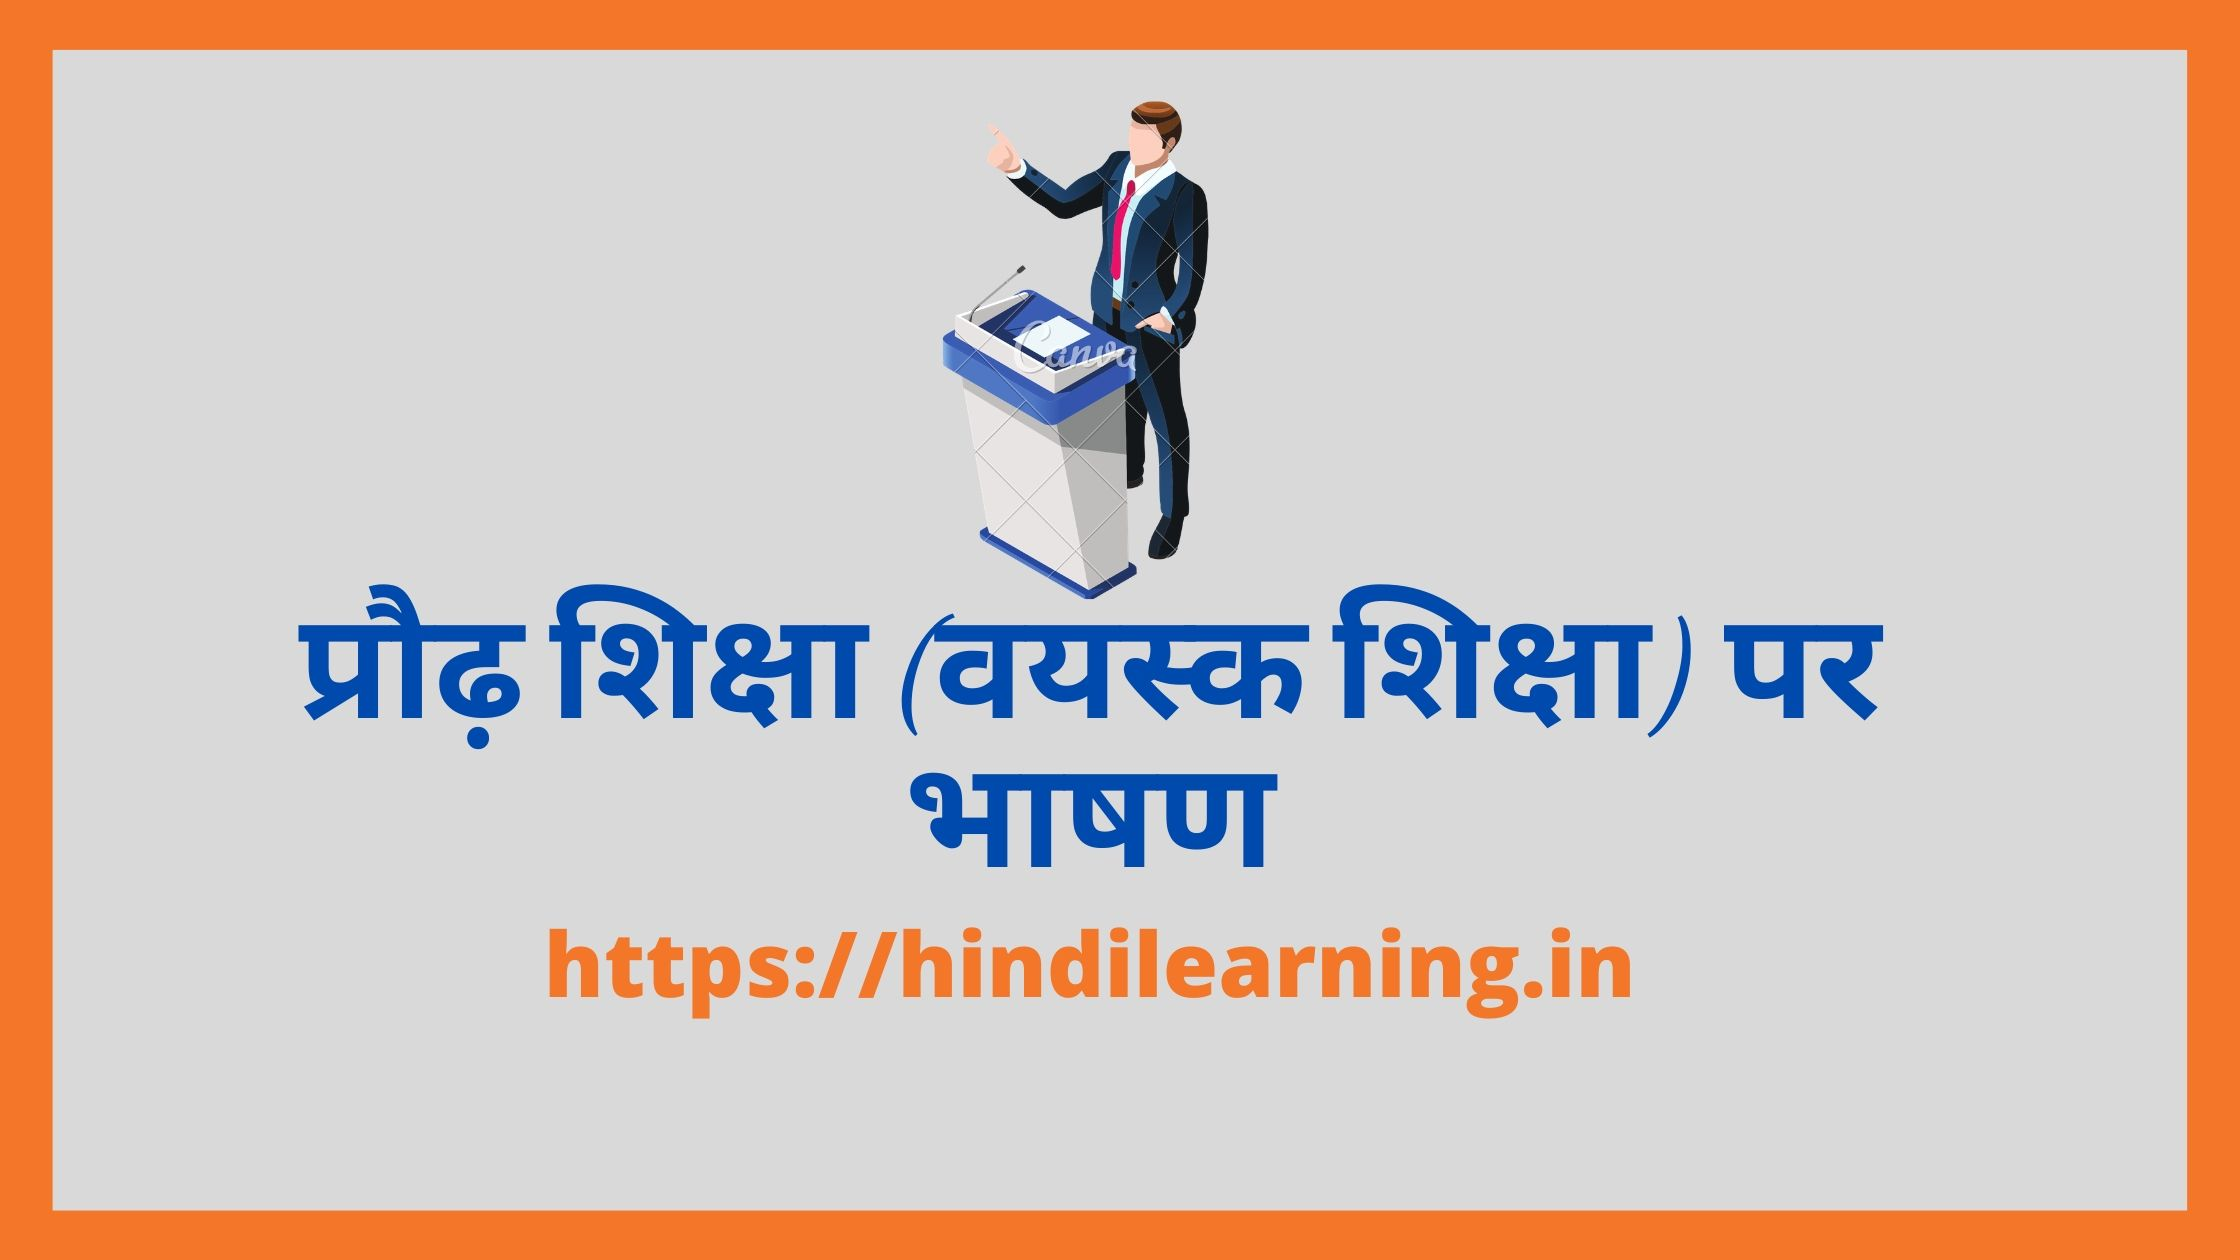 शिक्षा पर भाषण - Education Speech in Hindi